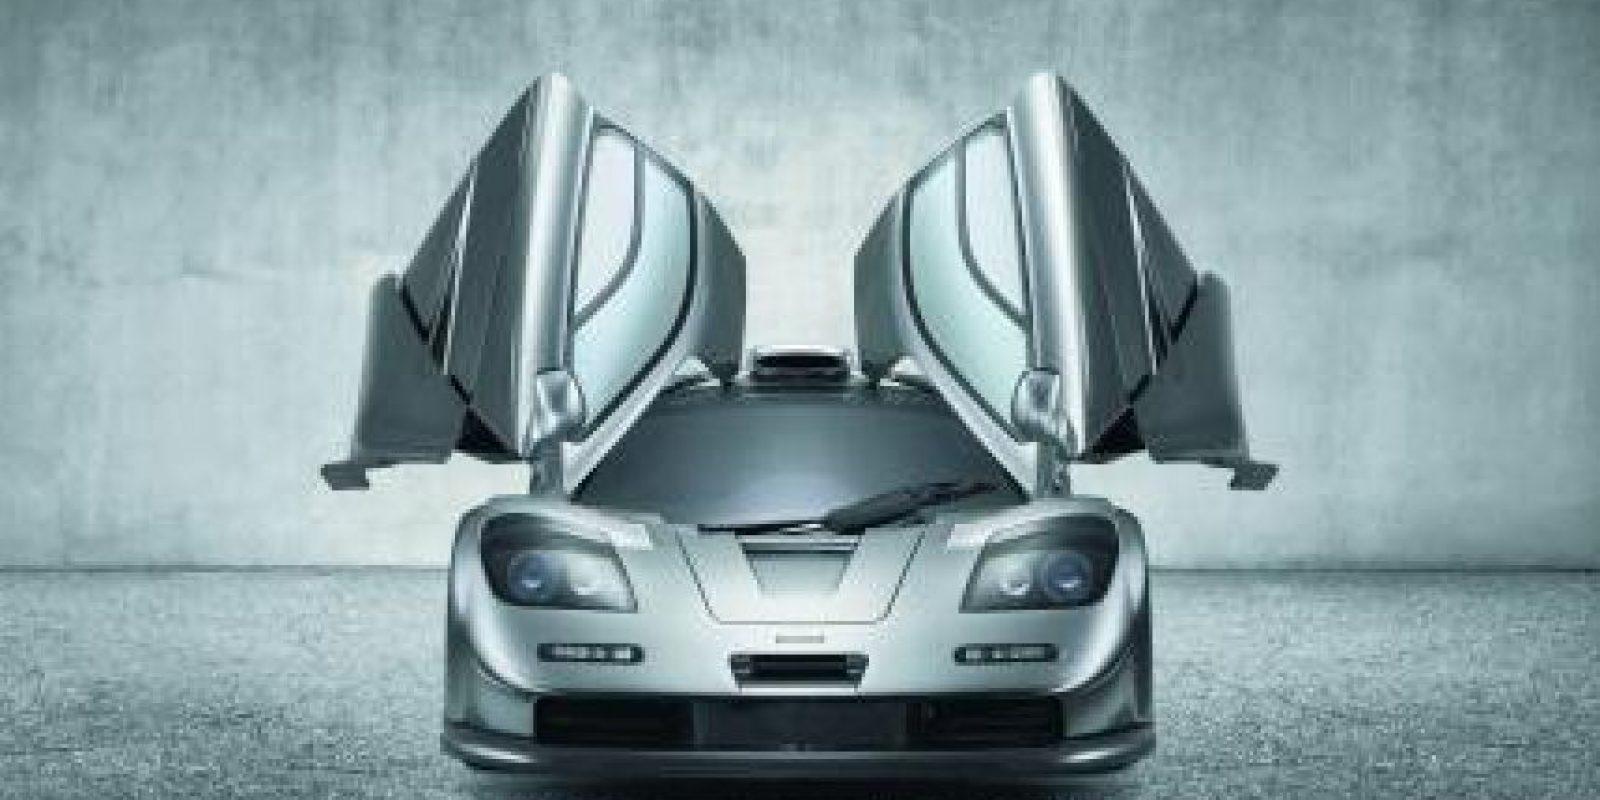 5- McLaren F1 (241 mph – 387 km/h). Continúa siendo el vehículo de producción de aspiración natural más veloz del planeta. Su 6.1 litros V12 desarrollado por BMW liberaba 635 caballos para una relación peso-potencia sorprendente, ya que apenas superaba los 1,100 kilogramos. Se produjo con motor central trasero y propulsión trasera, no contaba con sistemas de estabilidad ni tracción, se desarrolló de 1992 a 1998 y eliminó el registro de Jaguar XJ220, que lograba 350 km/hora. Foto:Metro